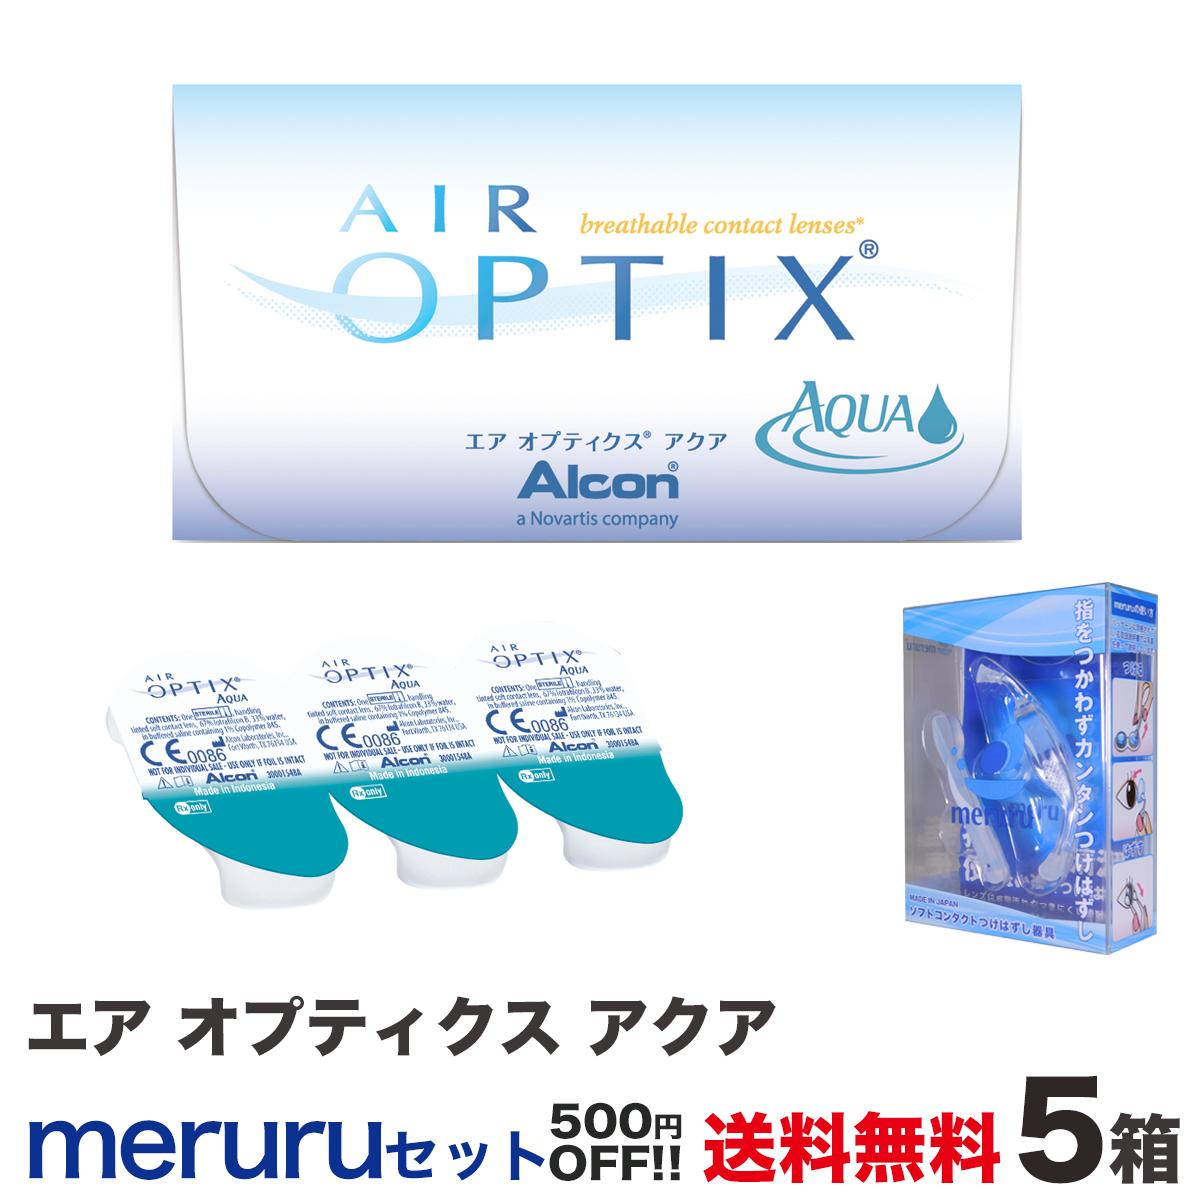 エア オプティクス アクア5箱+メルルセット 全国送料無料! セット購入で500円OFF! <2週間交換タイプ ソフトコンタクトレンズ 日本アルコン 1箱6枚入り>